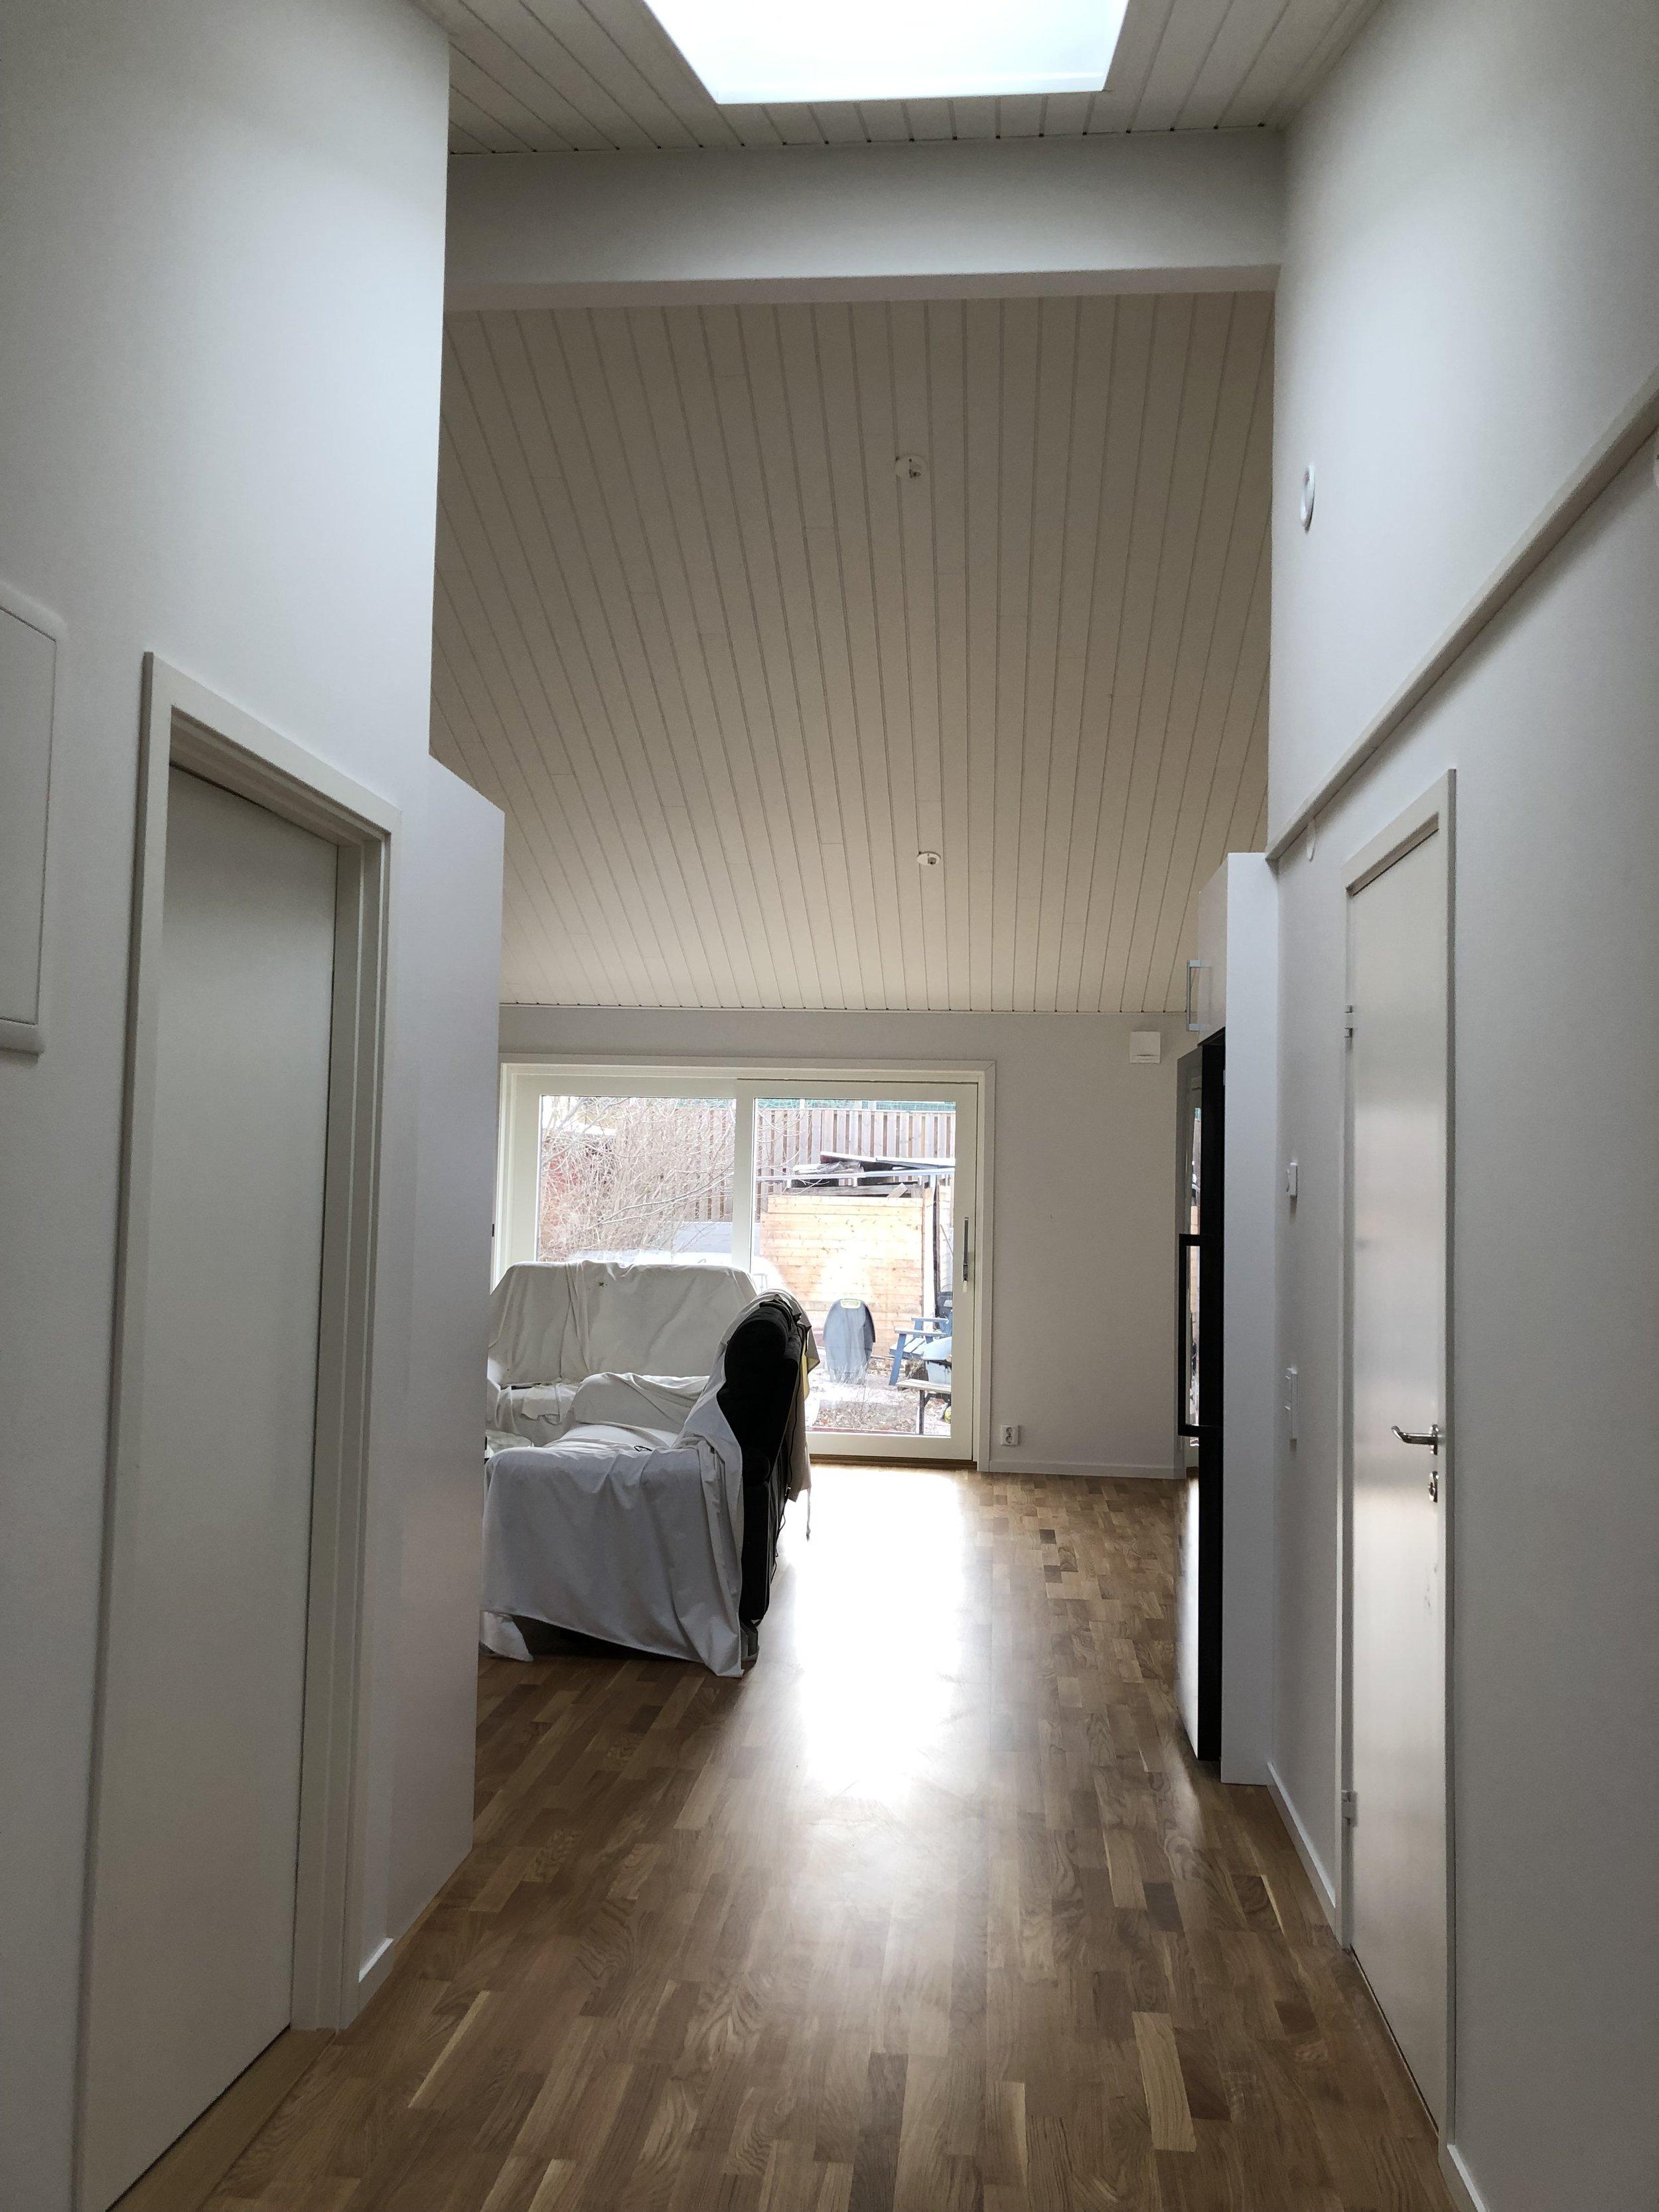 Ombyggnad av garage till lägenhet